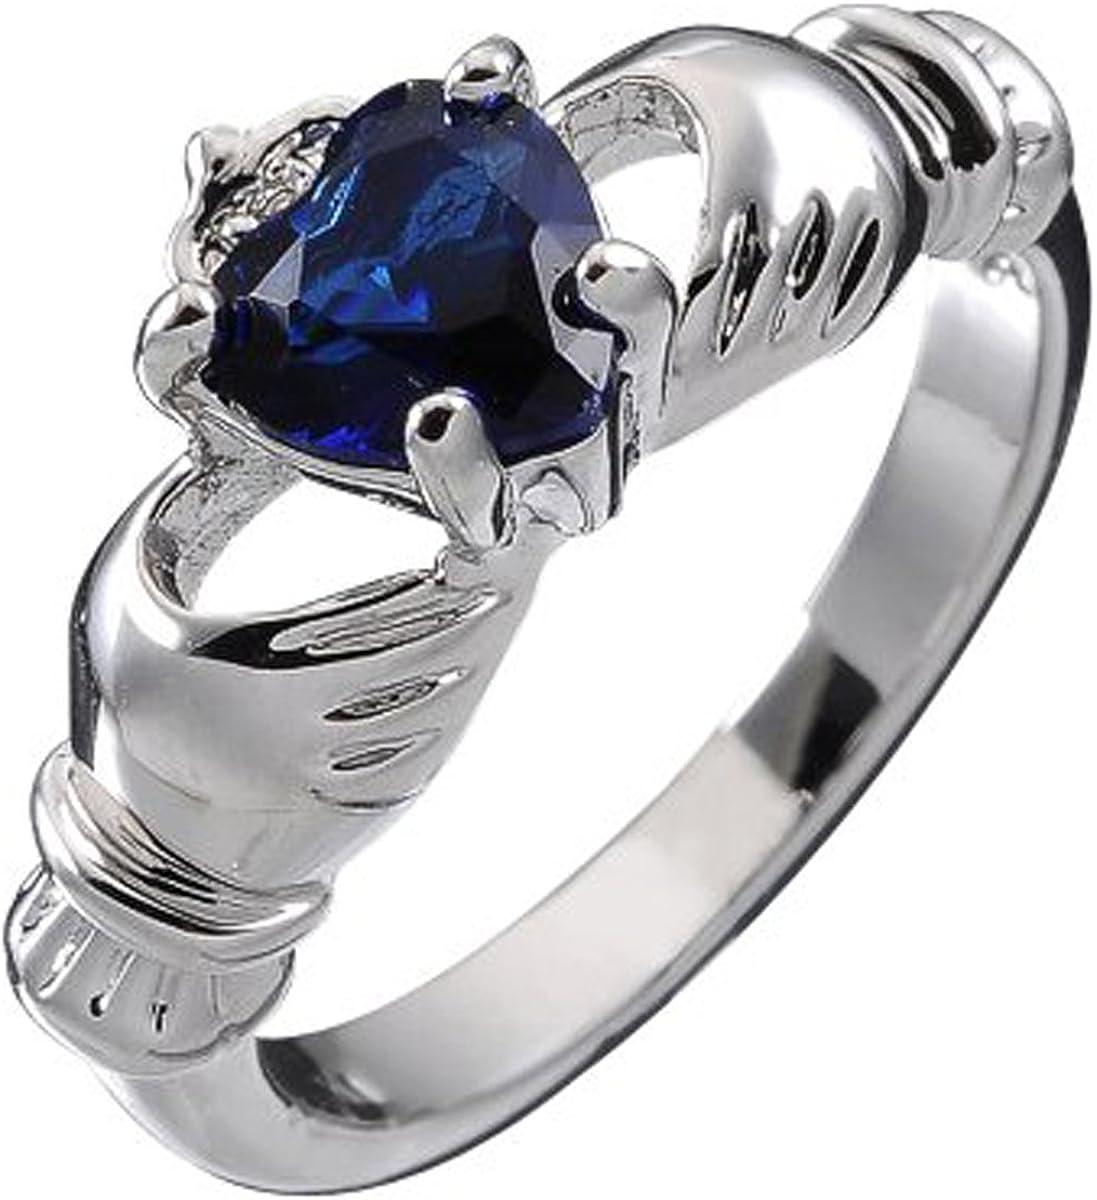 GWG Jewellery Anillos Mujer Regalo Anillo de Claddagh Plata de Ley Dos Manos Que Rodean Corazón de Circonita de Color Zafiro Azul con Corona para Mujeres